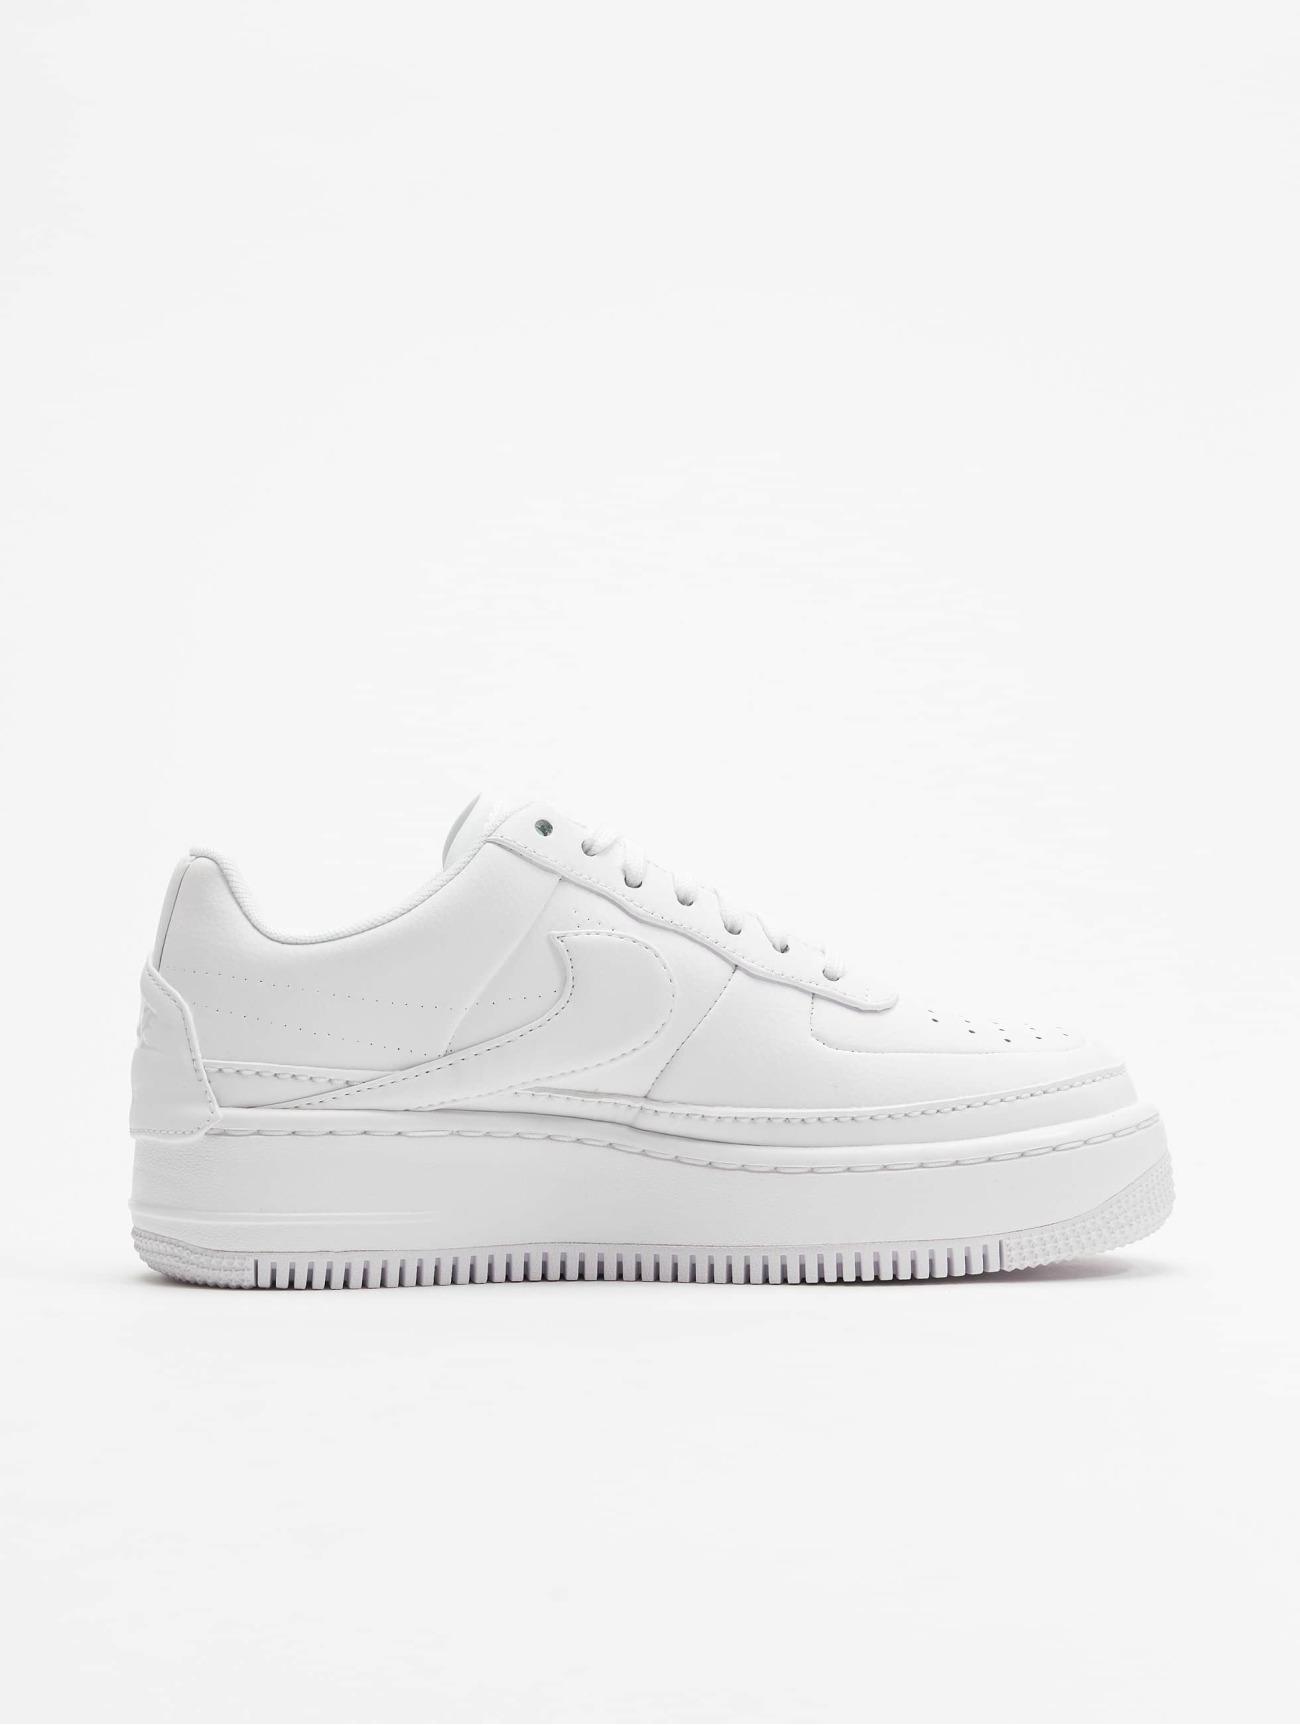 nike air force 1 jester xx sneakers white white black red and black nike high si frauen nike schuhe c 1 #14